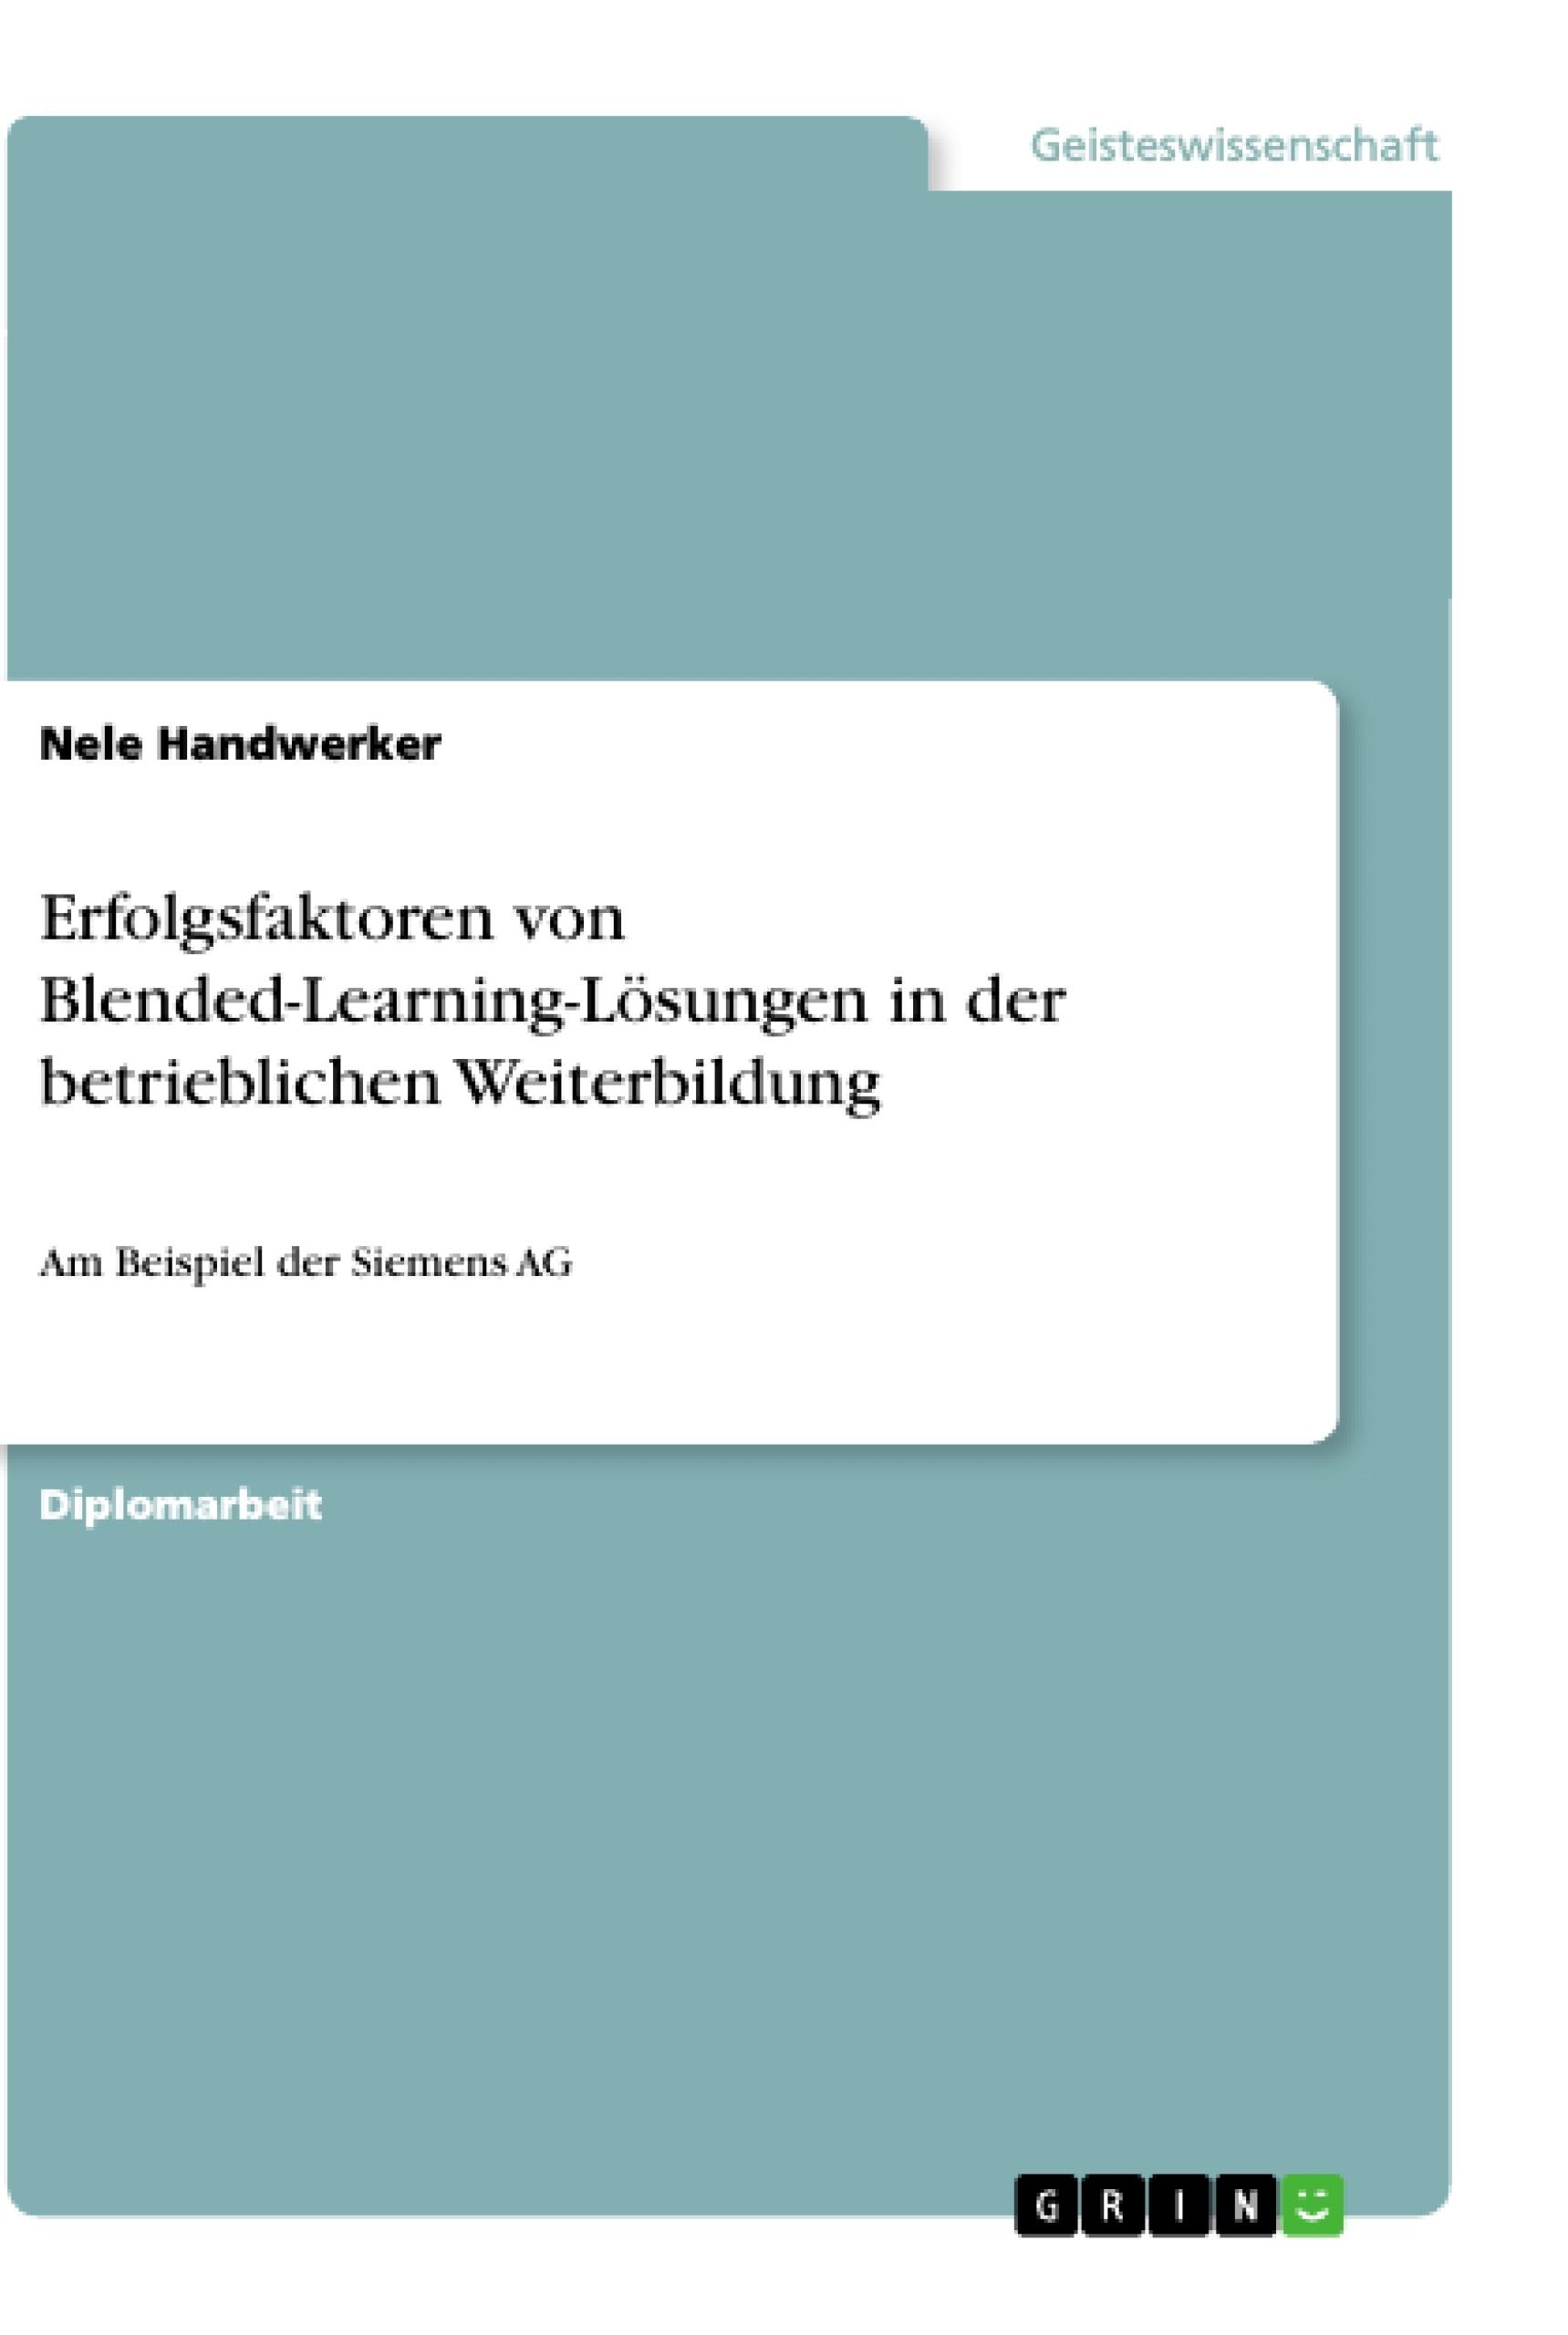 Titel: Erfolgsfaktoren von Blended-Learning-Lösungen in der betrieblichen Weiterbildung